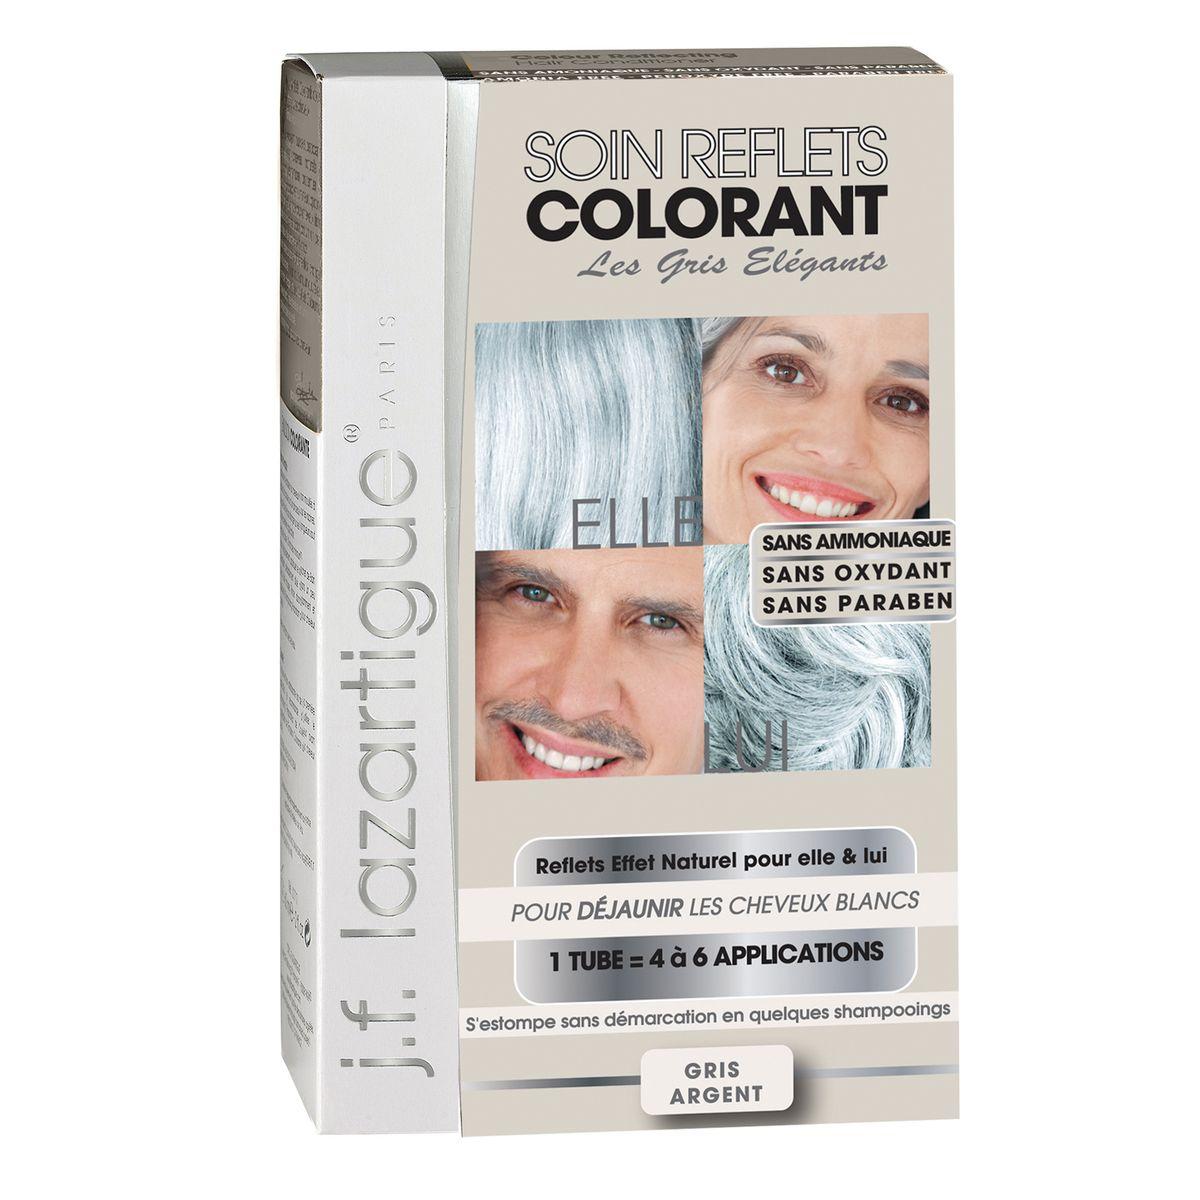 J.F.Lazartigue Оттеночный кондиционер для волос Седой 100 мл766933Оттеночный кондиционер J.F.LAZARTIGUE – это лечебный макияж для Ваших волос. Два эффекта: кондиционирование волос и легкий оттенок.